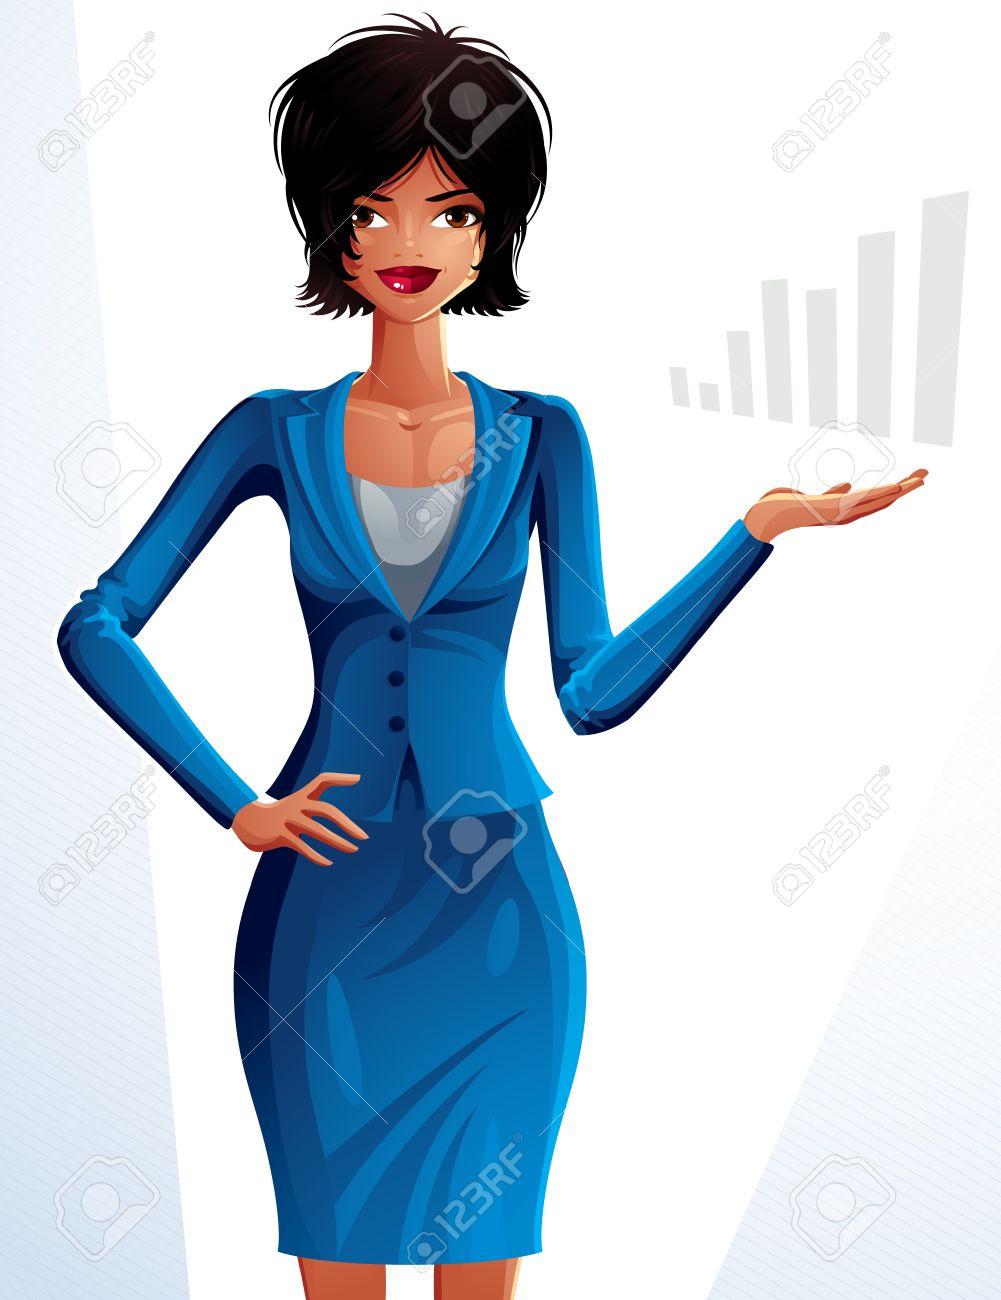 Belle Femme D Affaires Mulâtre Portrait En Pied Dessin Coloré D Une Jeune Fille Mince Mignon Avec Le Maquillage Et La Coiffure Moderne Illustrant La